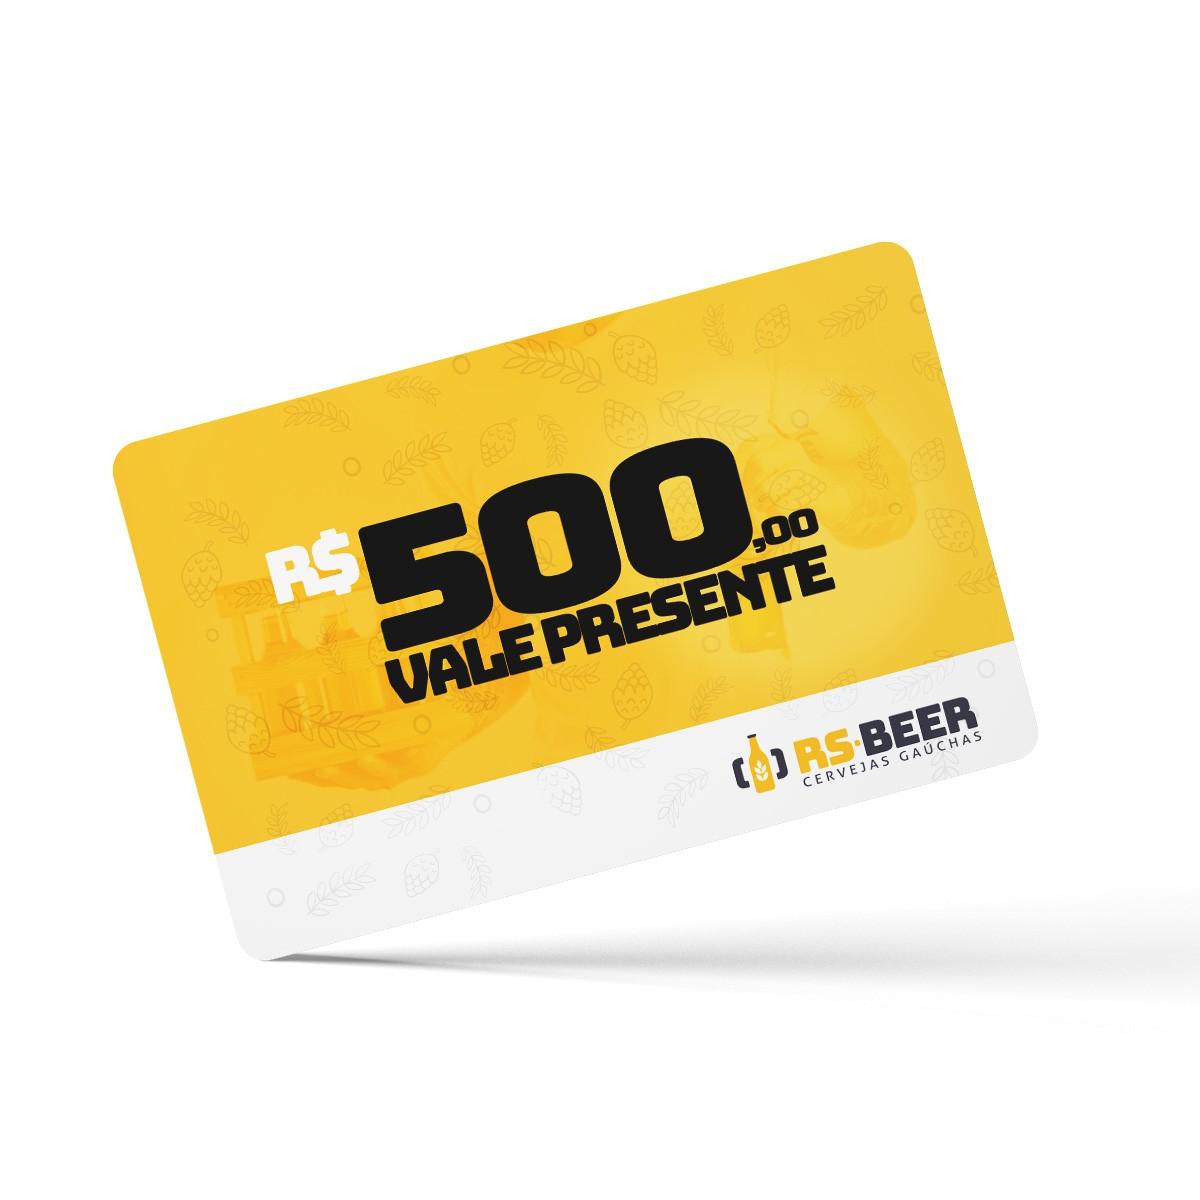 Cartão Vale Presente virtual de R$ 500,00